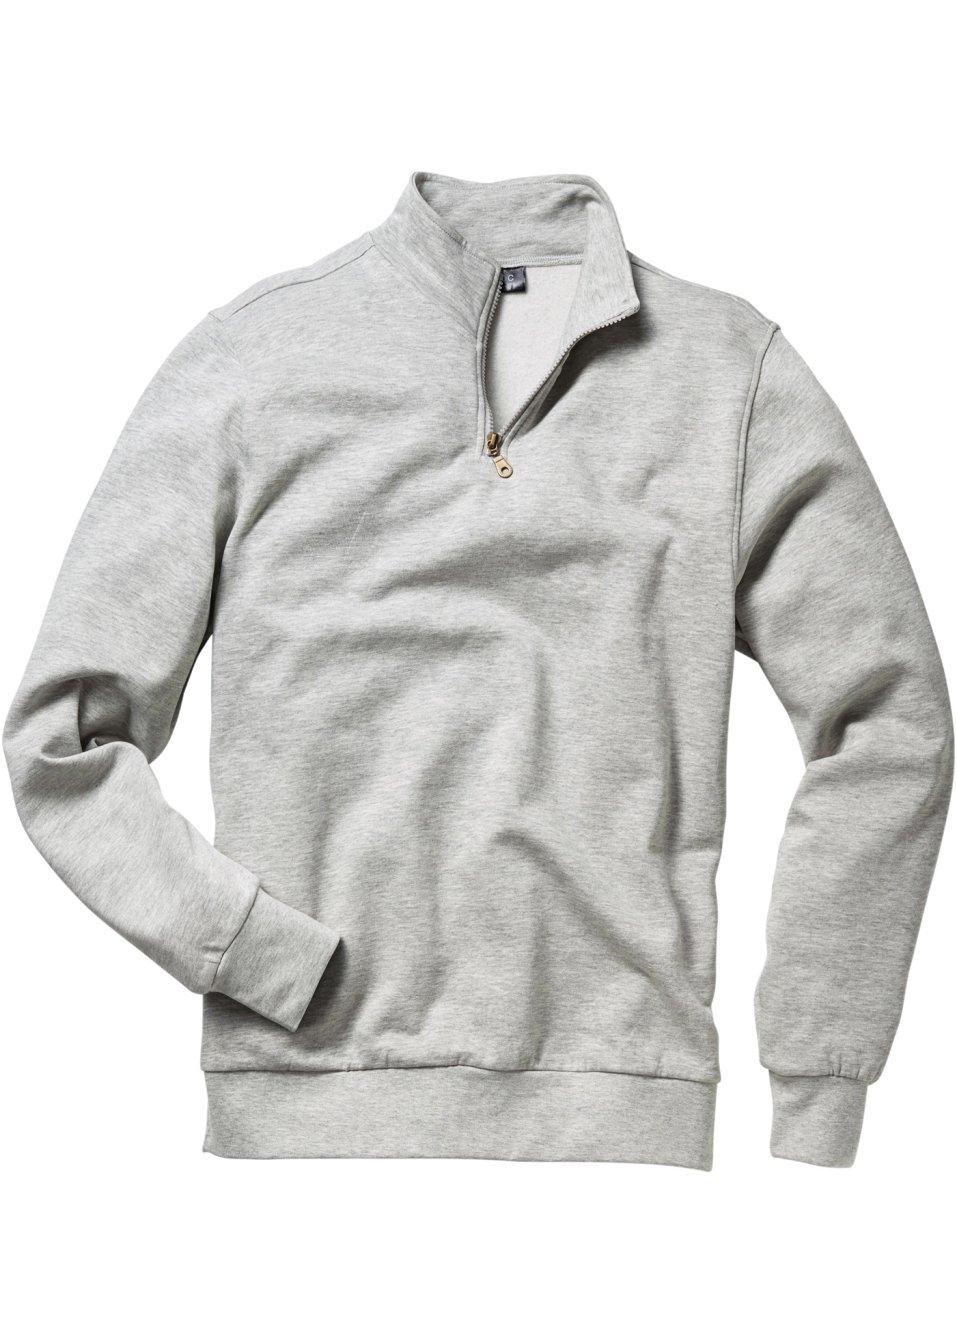 Herren Troyer-Sweatshirt: alltagstaugliche Kombimode für modebewusste Männer - hellgrau meliert BonHH AeEyO